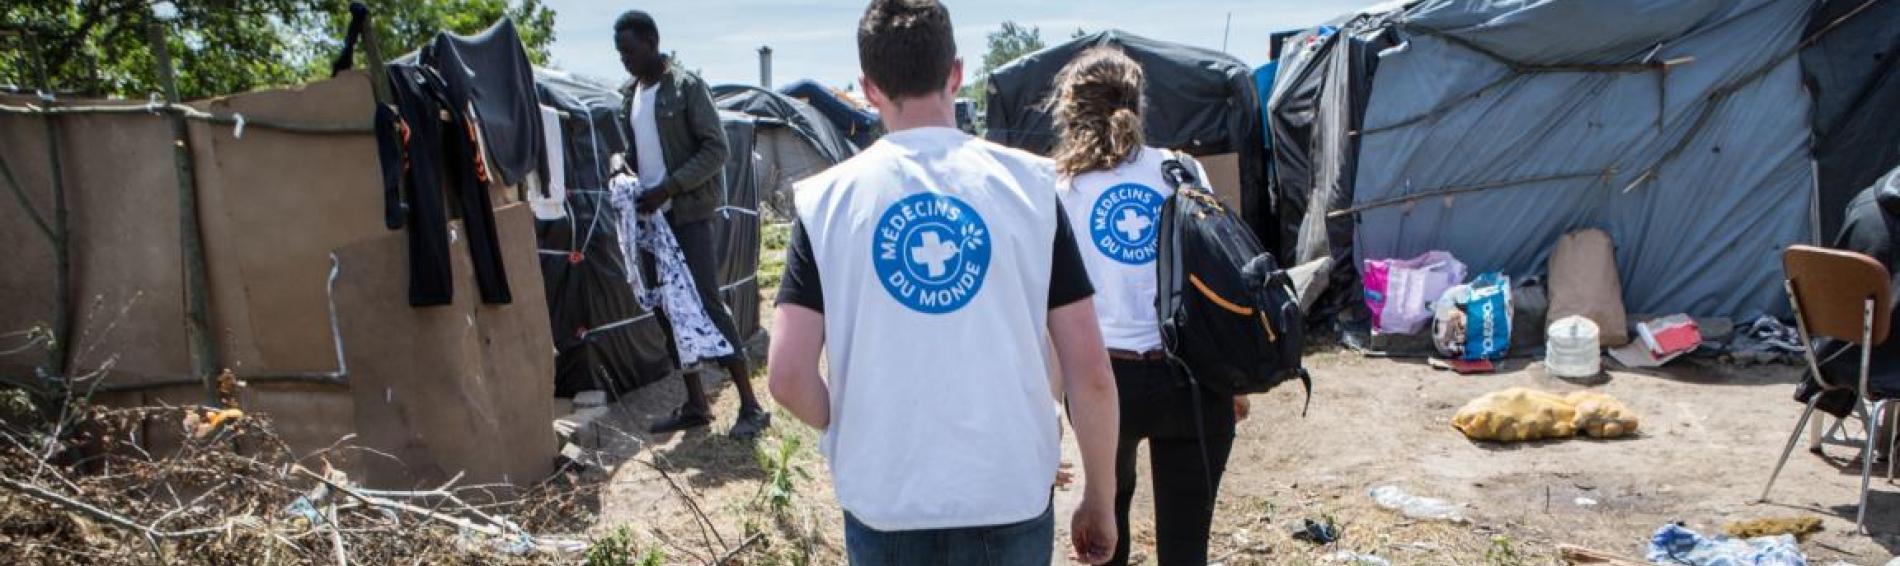 Ehrenamtliche Helfer im Dschungel von Calais. Foto: Olivier Papegnies